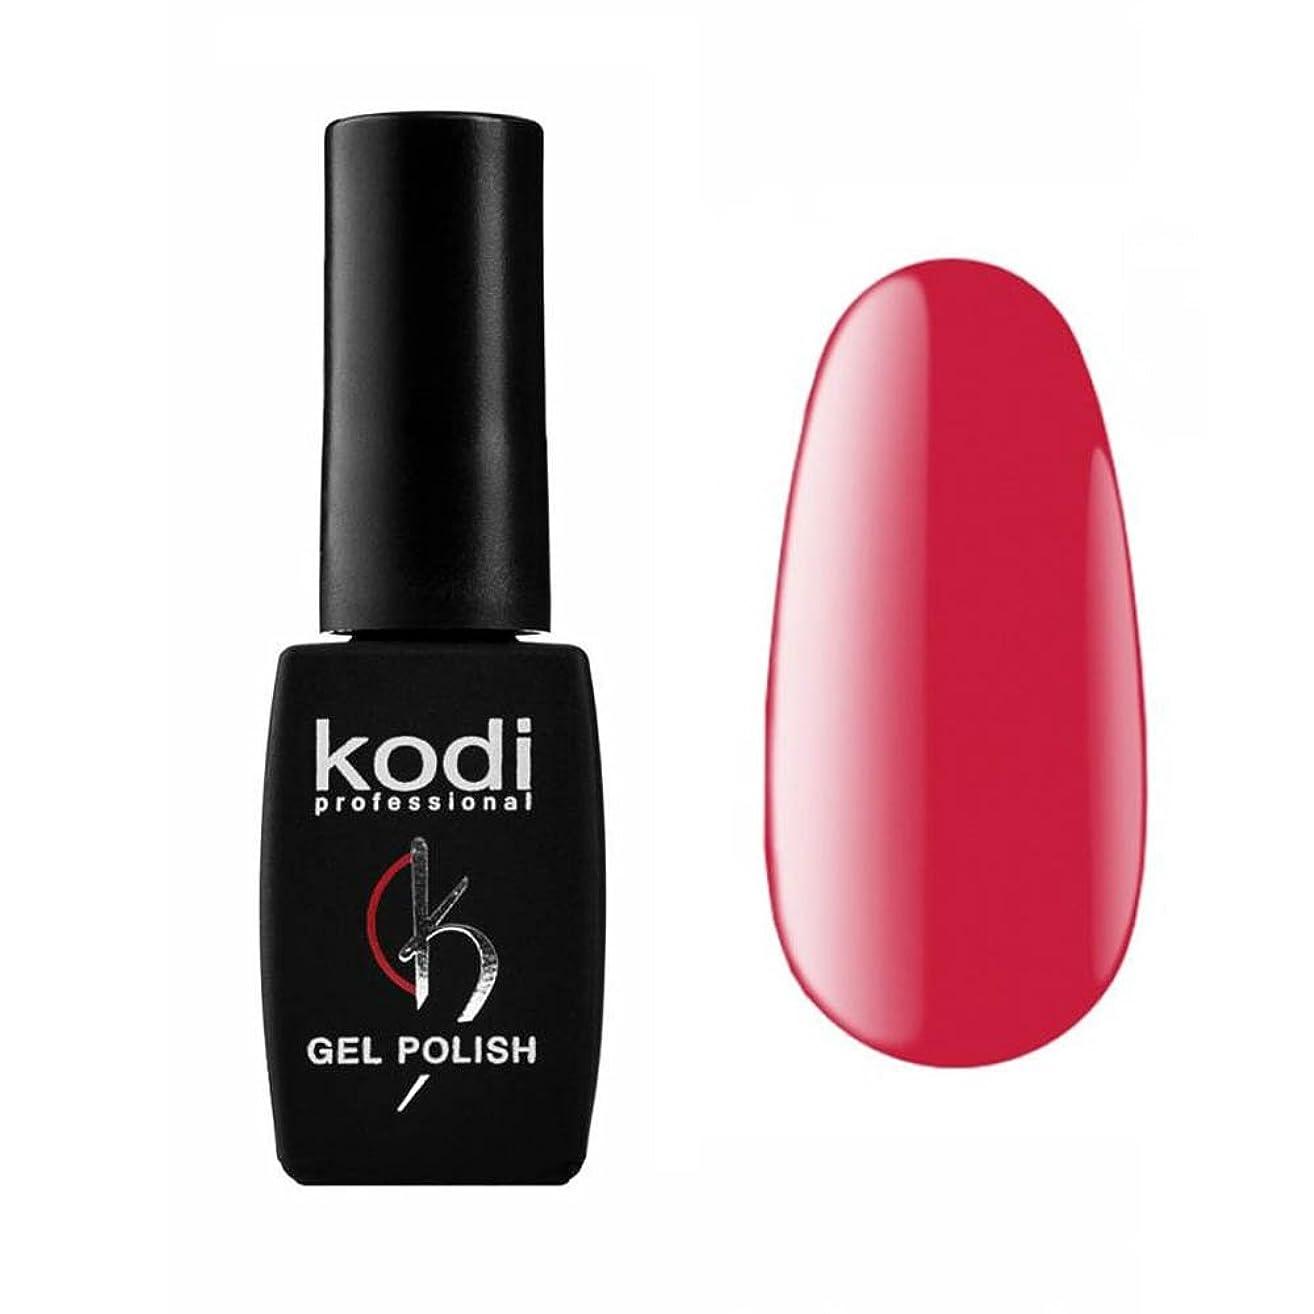 おなじみの鈍い生物学Kodi Professional New Collection P Pink #120 Color Gel Nail Polish 12ml 0.42 Fl Oz LED UV Genuine Soak Off